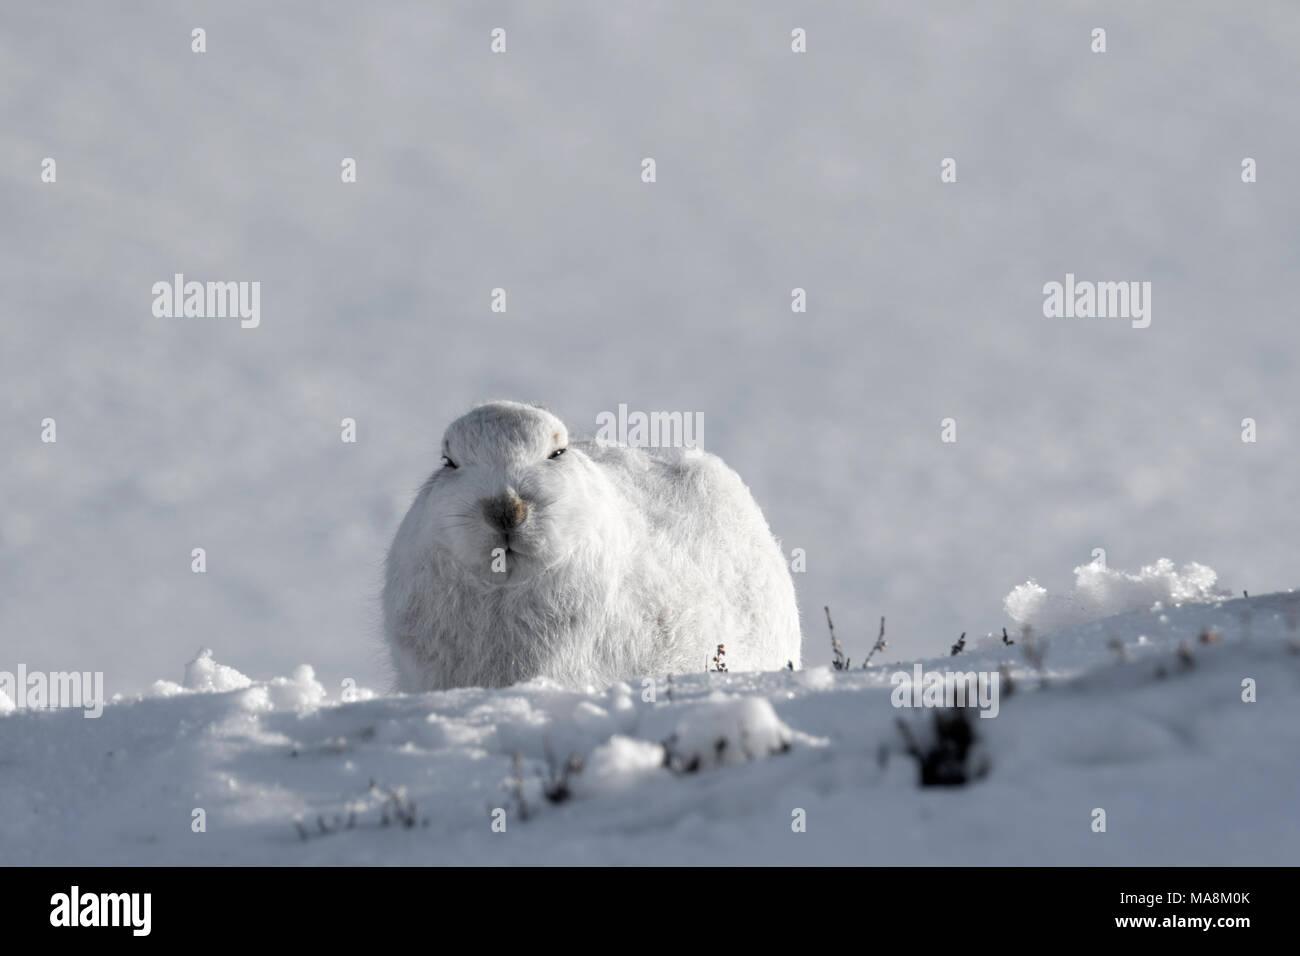 Schneehase (Lepus timidus) Suchen Sie geradeaus in Form auf schneebedeckten Hügel in den schottischen Highlands, März 2018 Stockbild